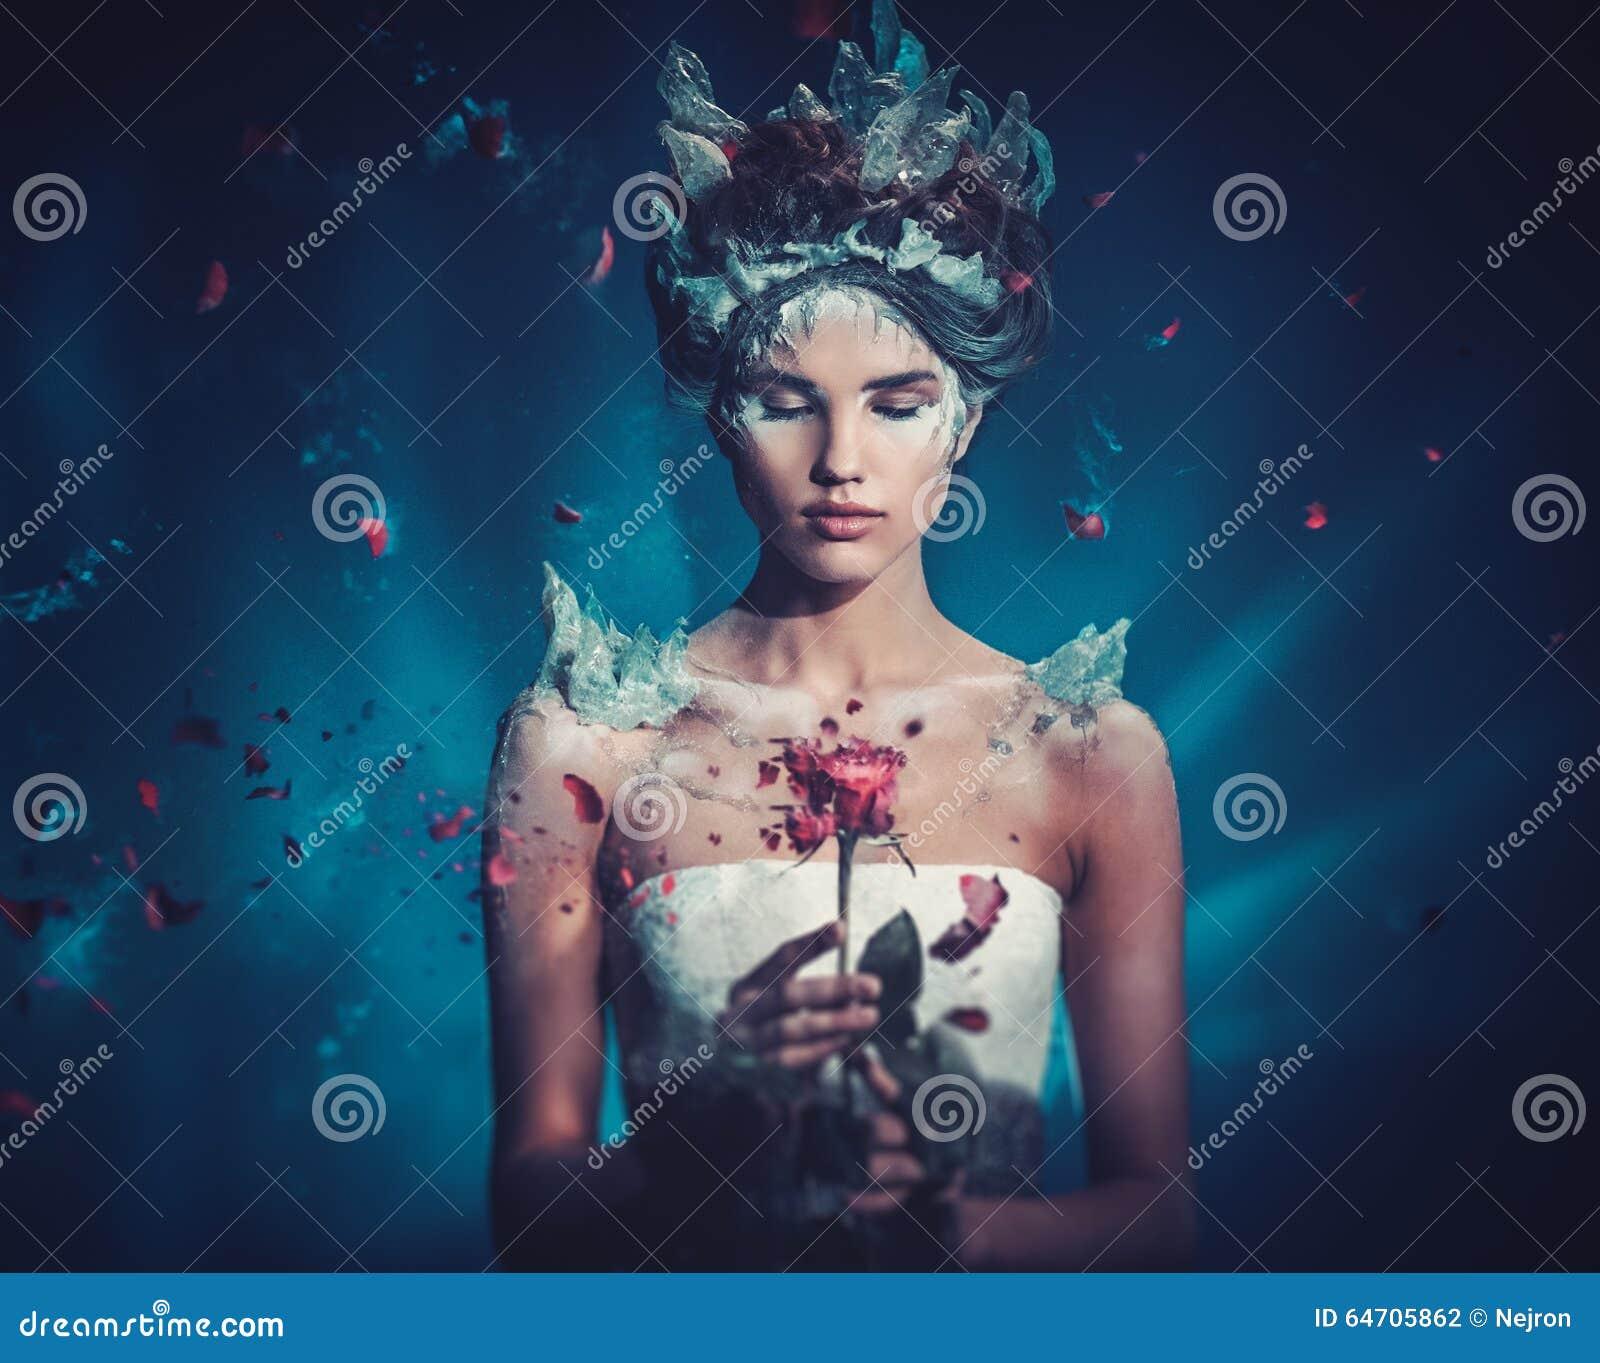 Winter beauty fantasy woman portrait.